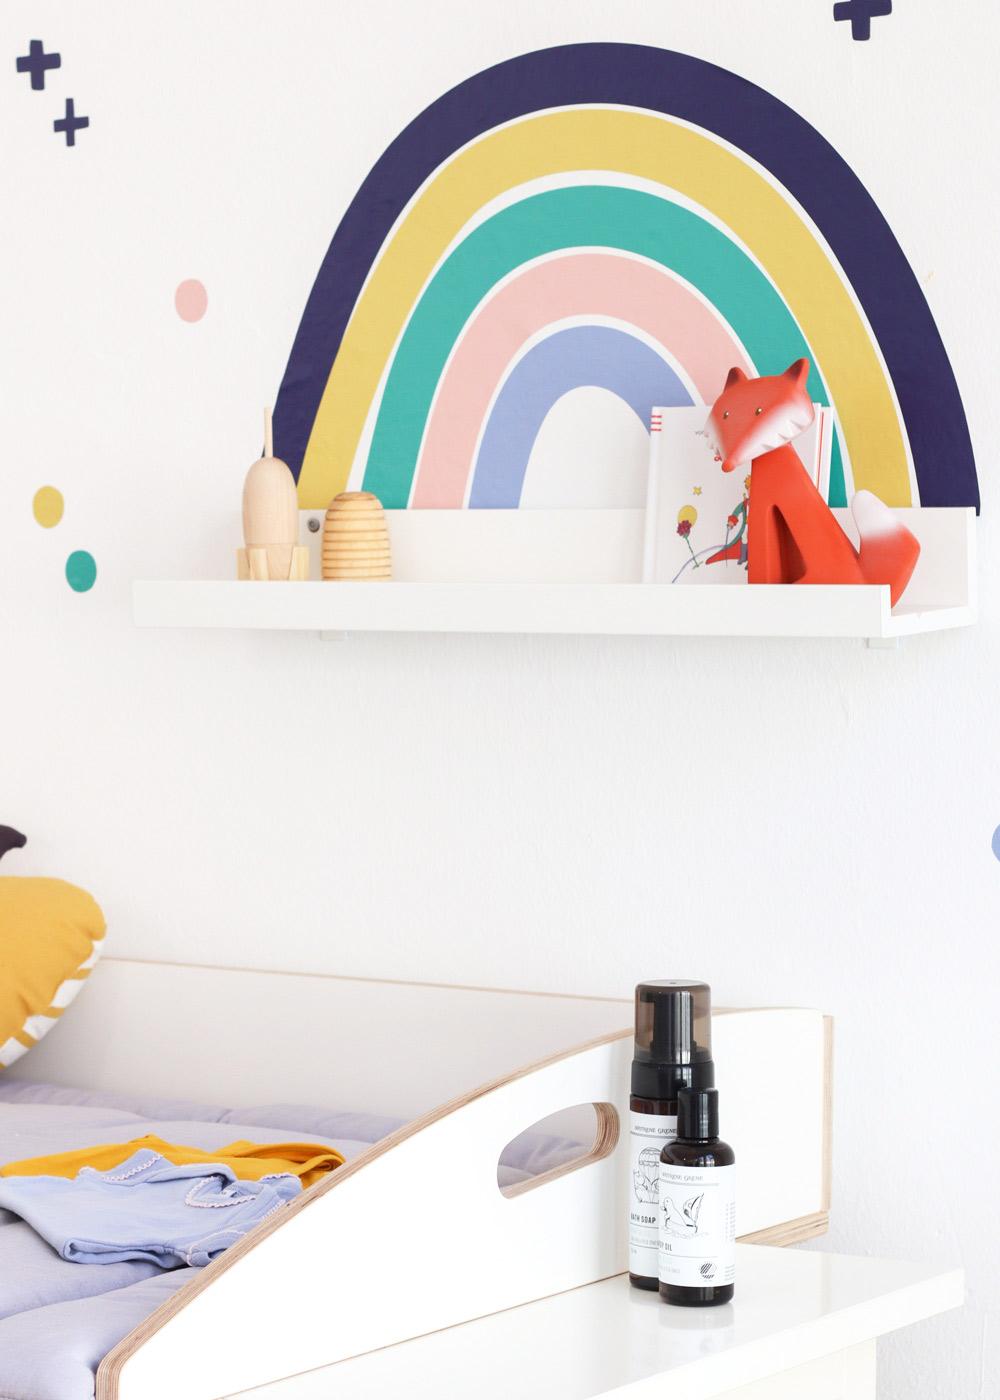 Ikea Mosslanda Bilderleiste Vielfalt Regenbogen Nachtblau Senf Teilansicht